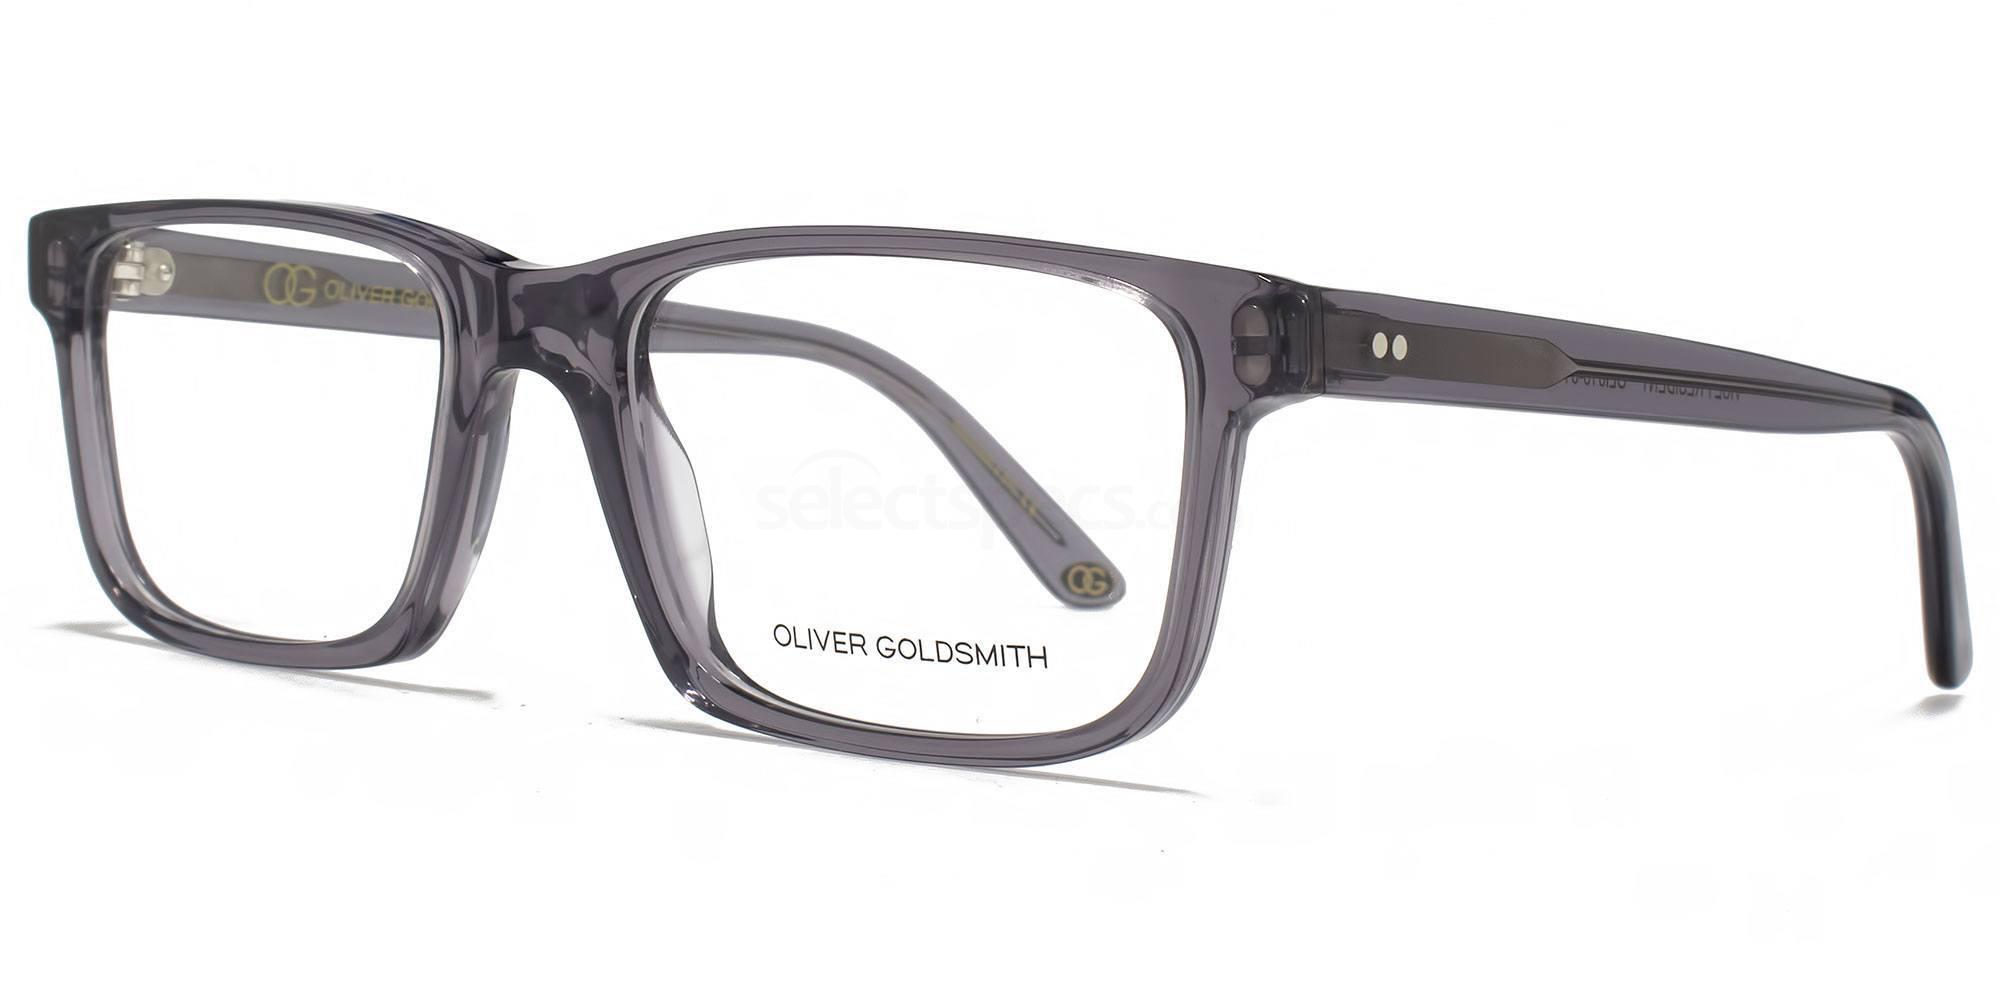 01 OLI010 - VICE PRESIDENT Glasses, Oliver Goldsmith